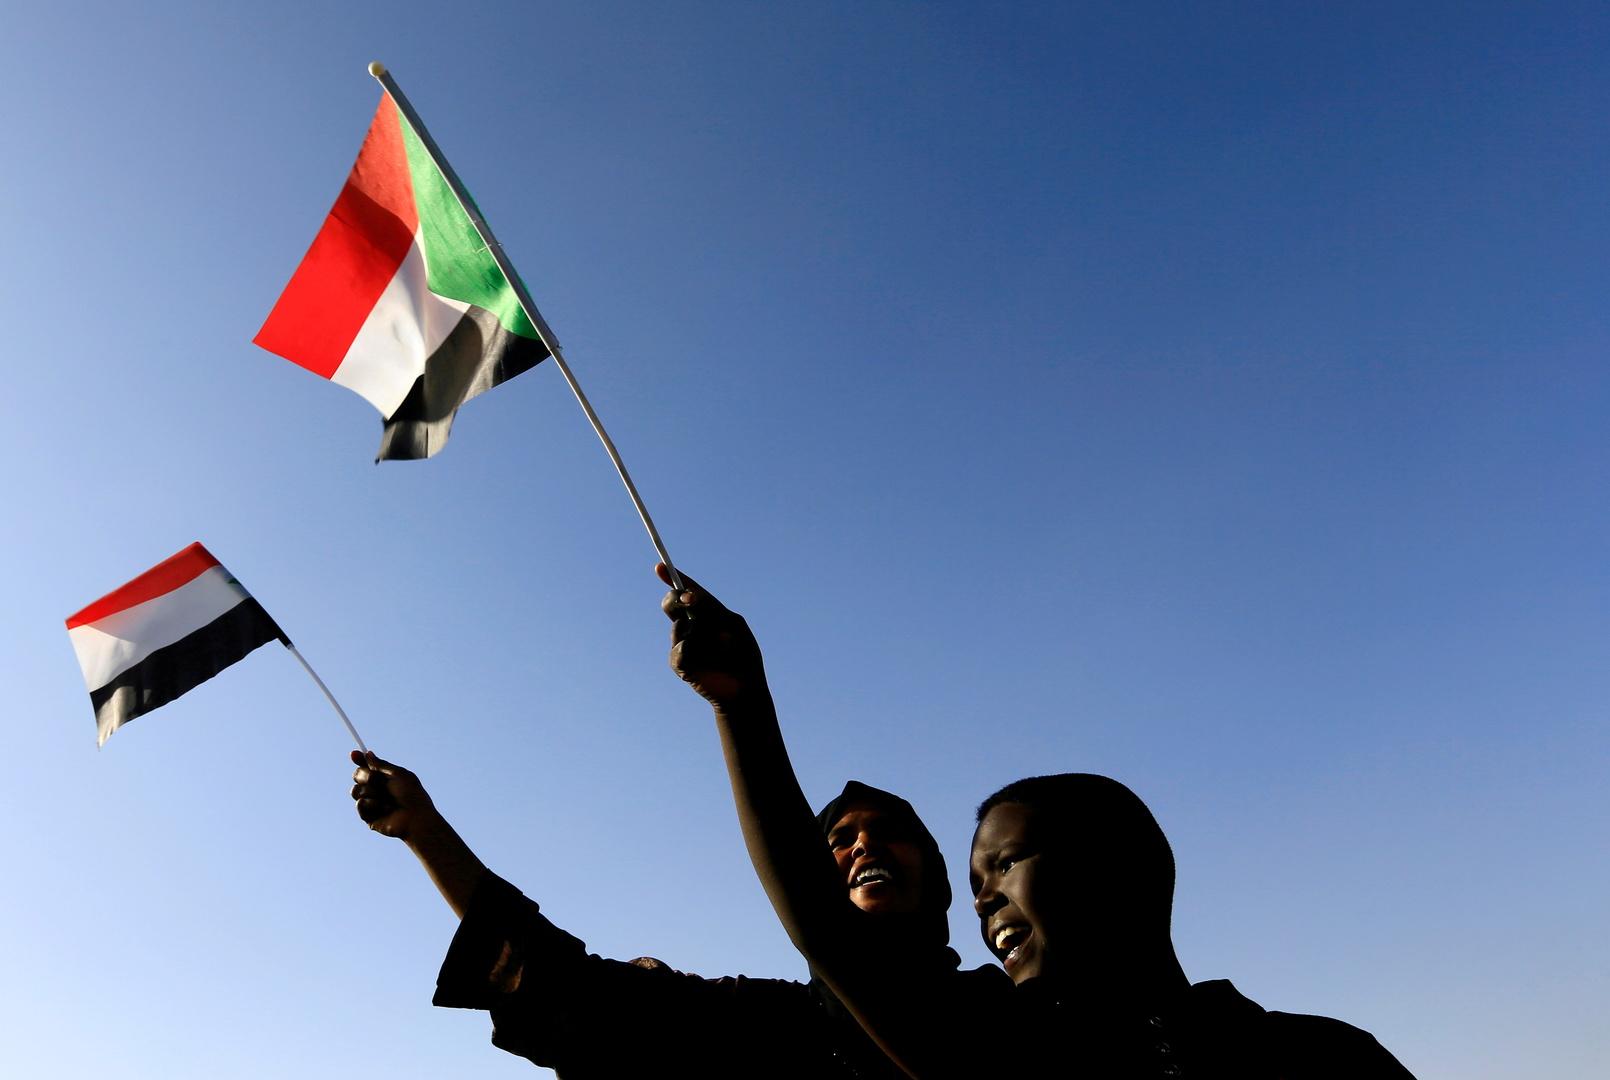 دعوات لمظاهرات حاشدة في السودان للمطالبة بإسقاط الحكومة